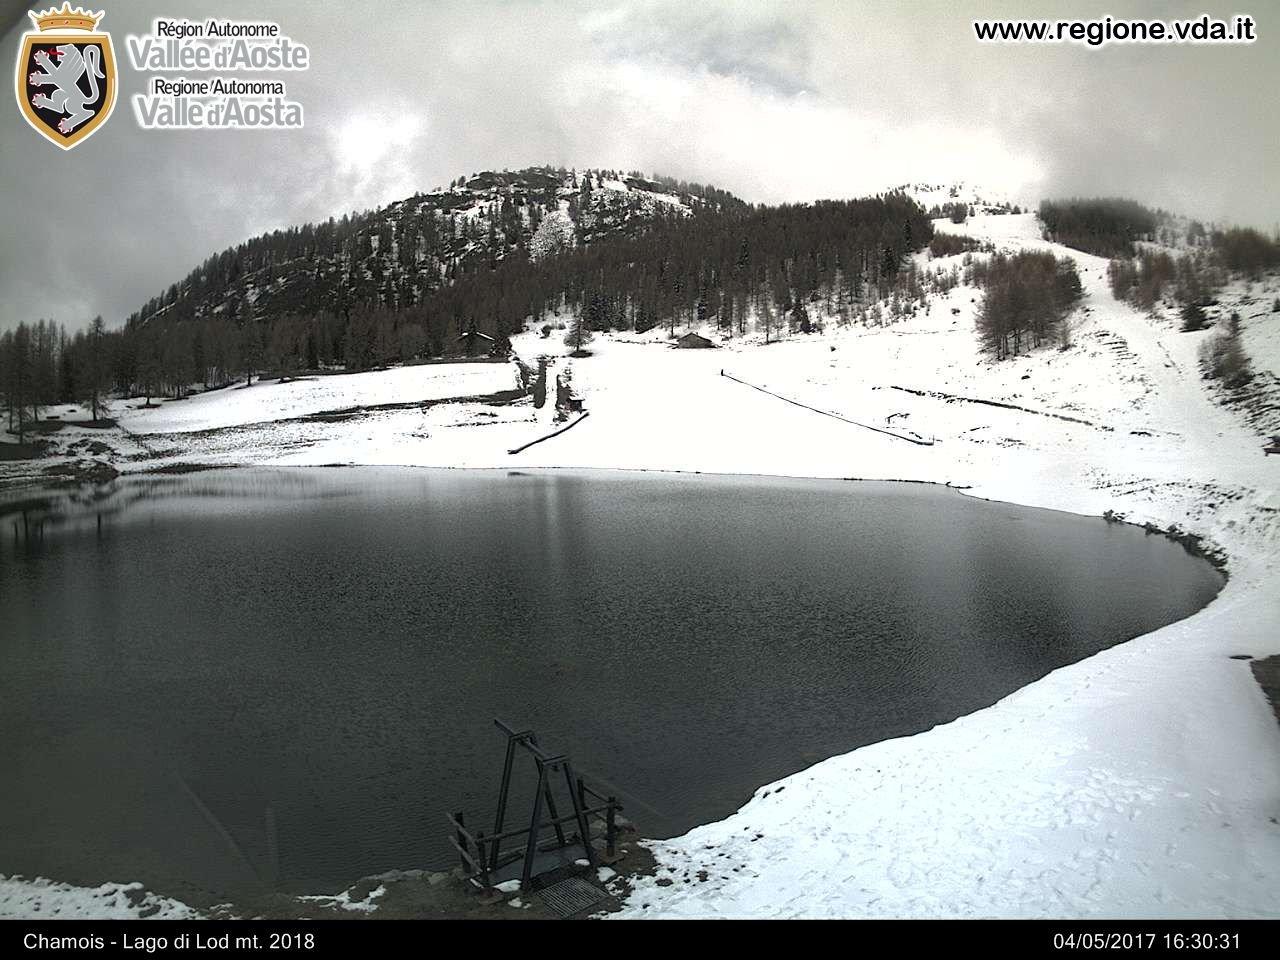 big chamois - Continuano le bufere di neve sull'Europa Settentrionale!